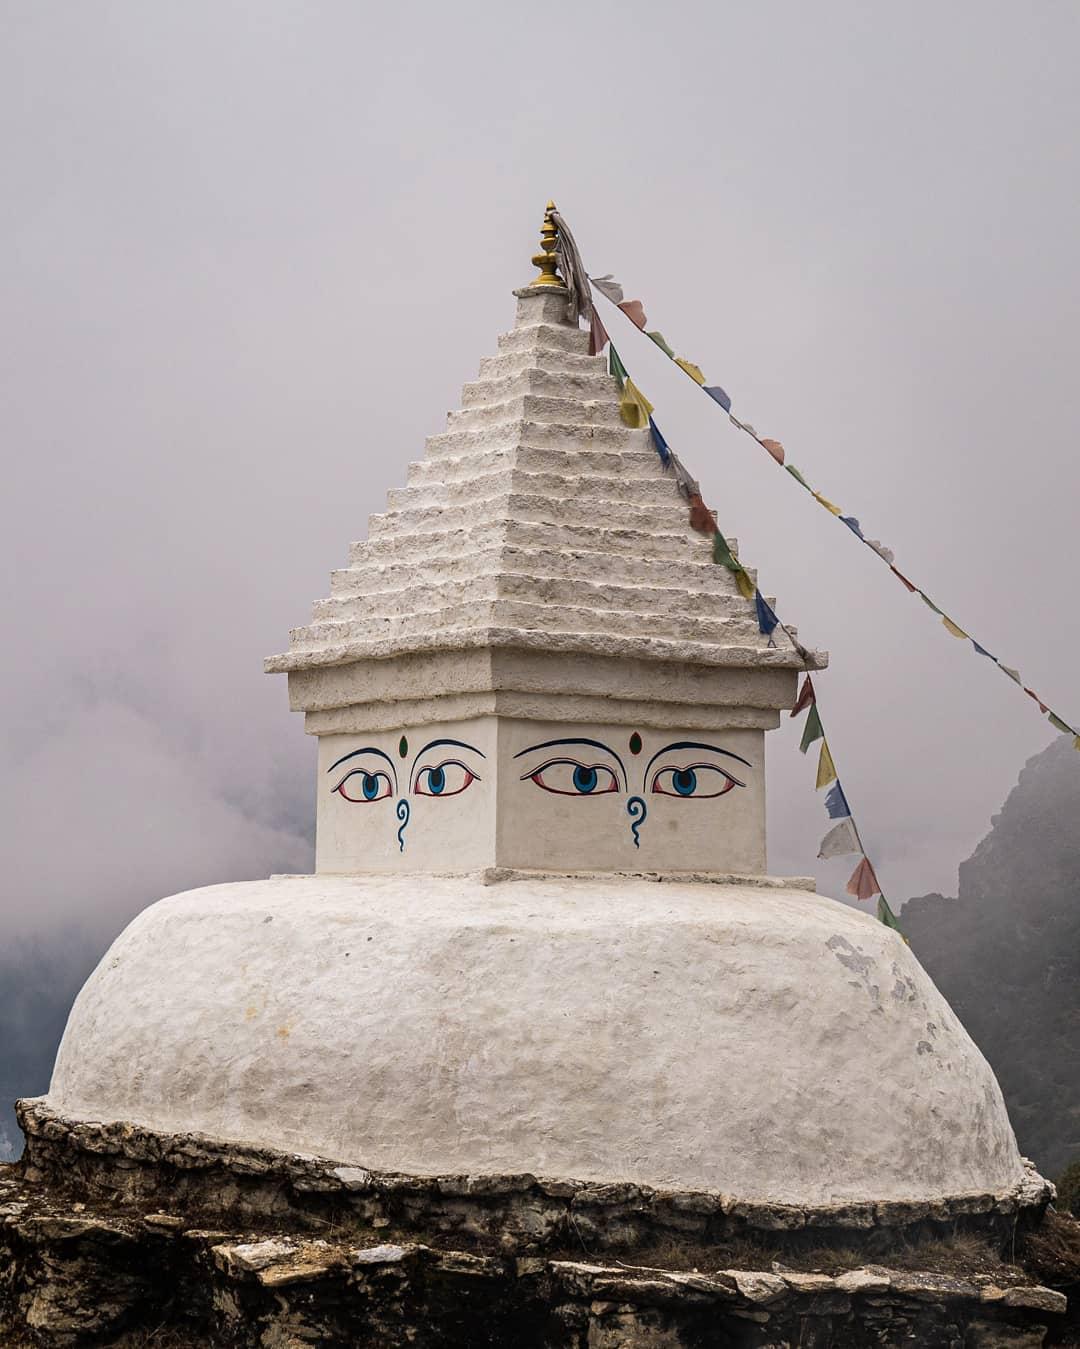 partir au Népal et réaliser un documentaire